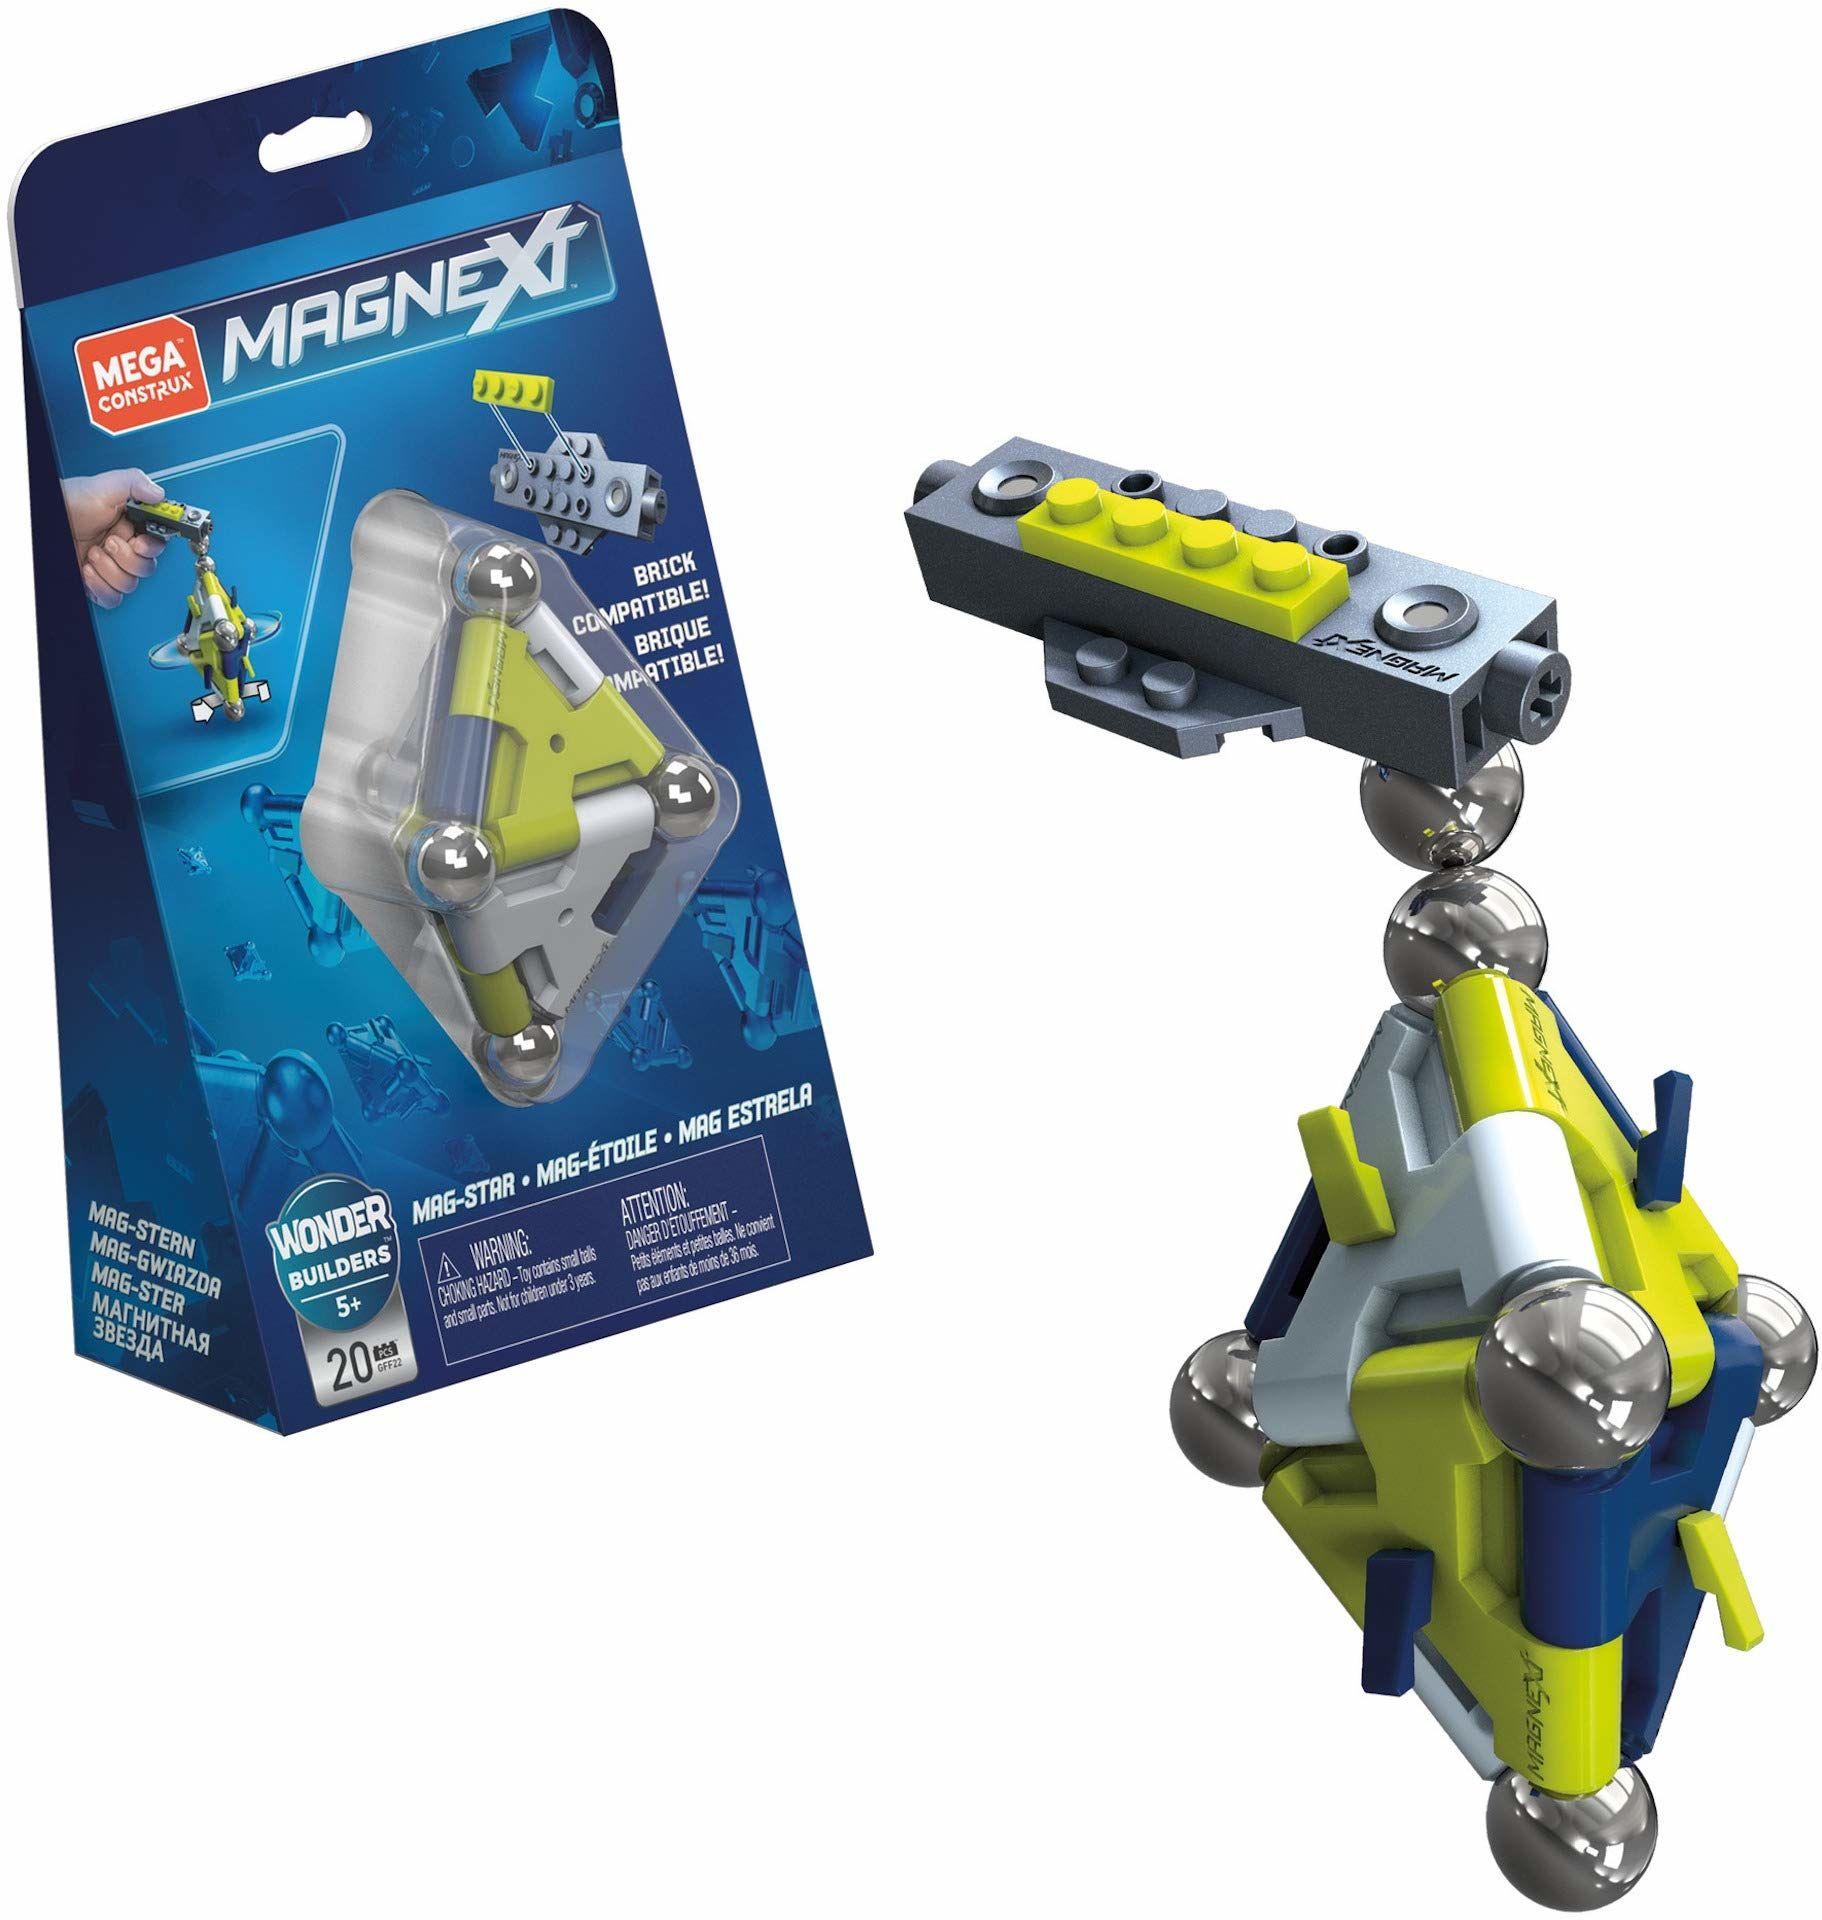 Mega Construx GFF22 - magnext Mag gwiazda magnetyczne klocki i i kule zestaw do budowy z 20 klockami, zabawka od 5 lat